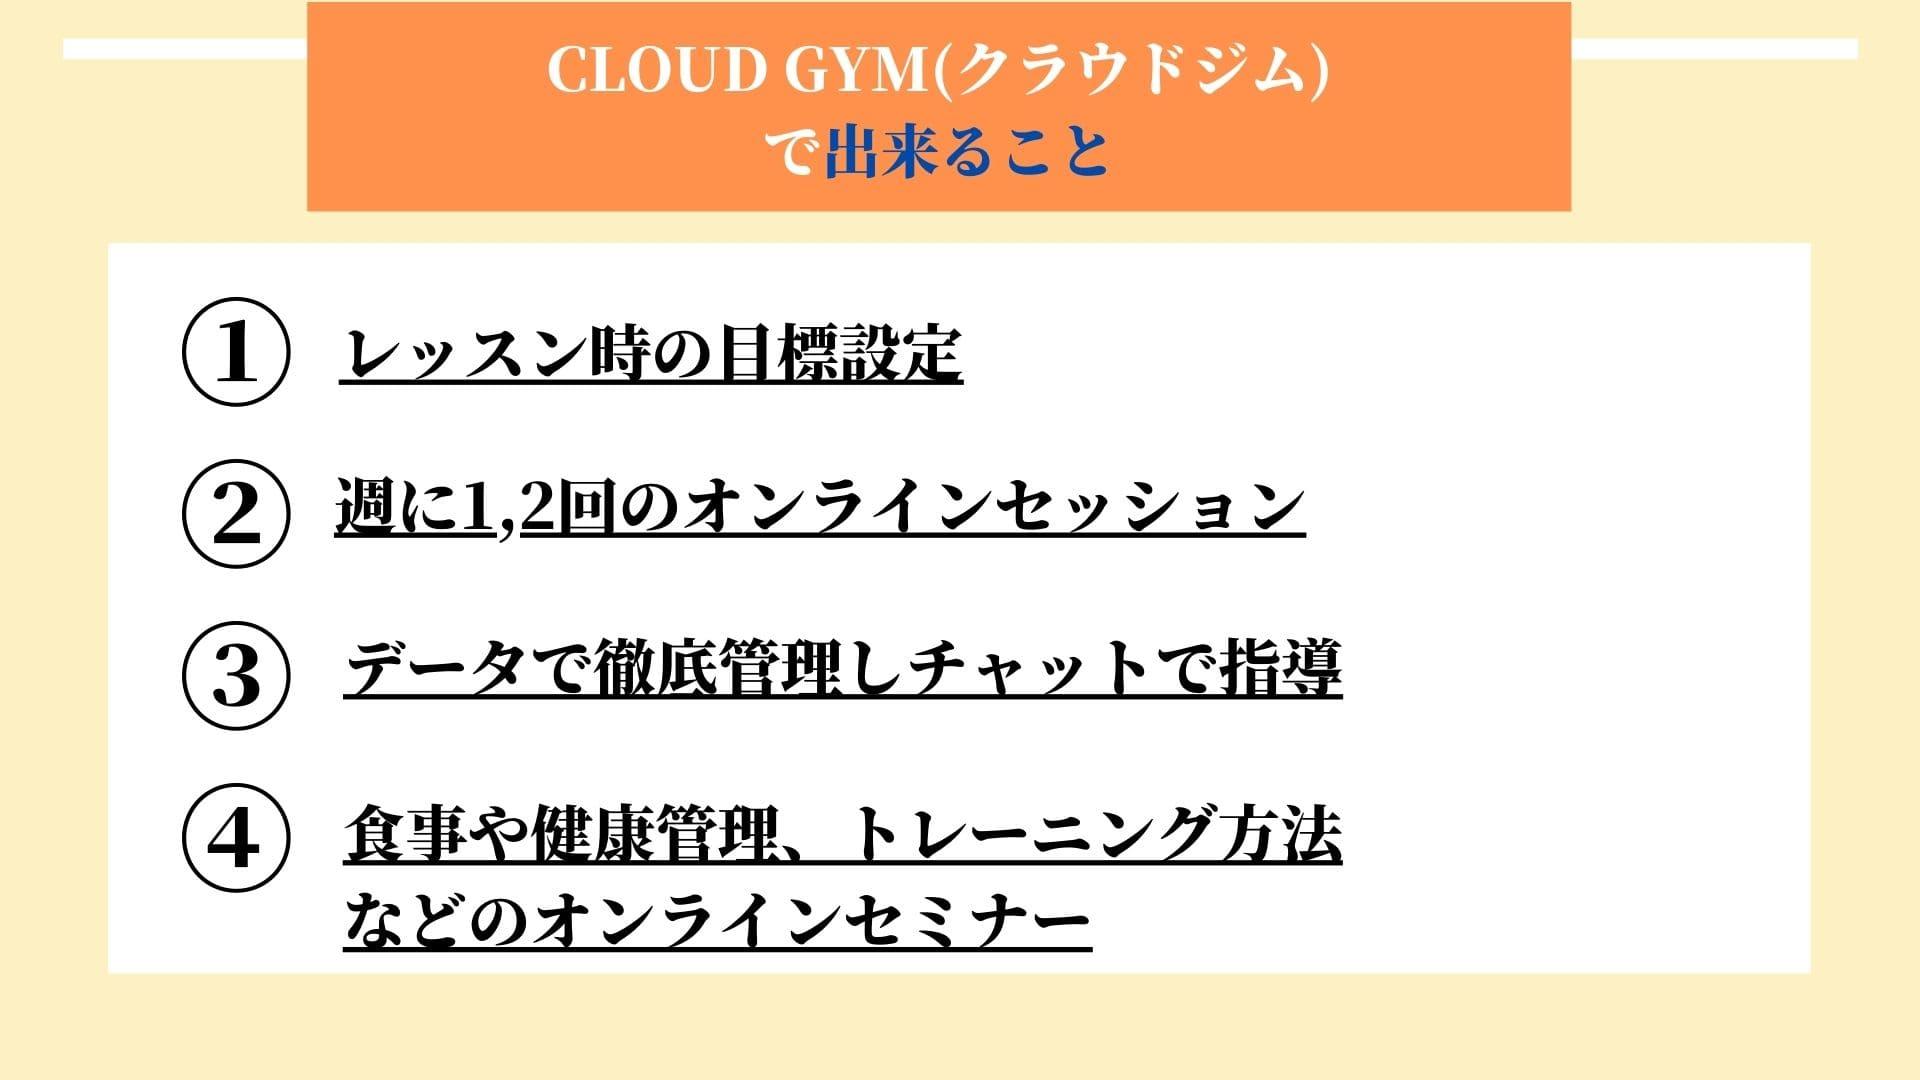 CLOUD GYM(クラウドジム)